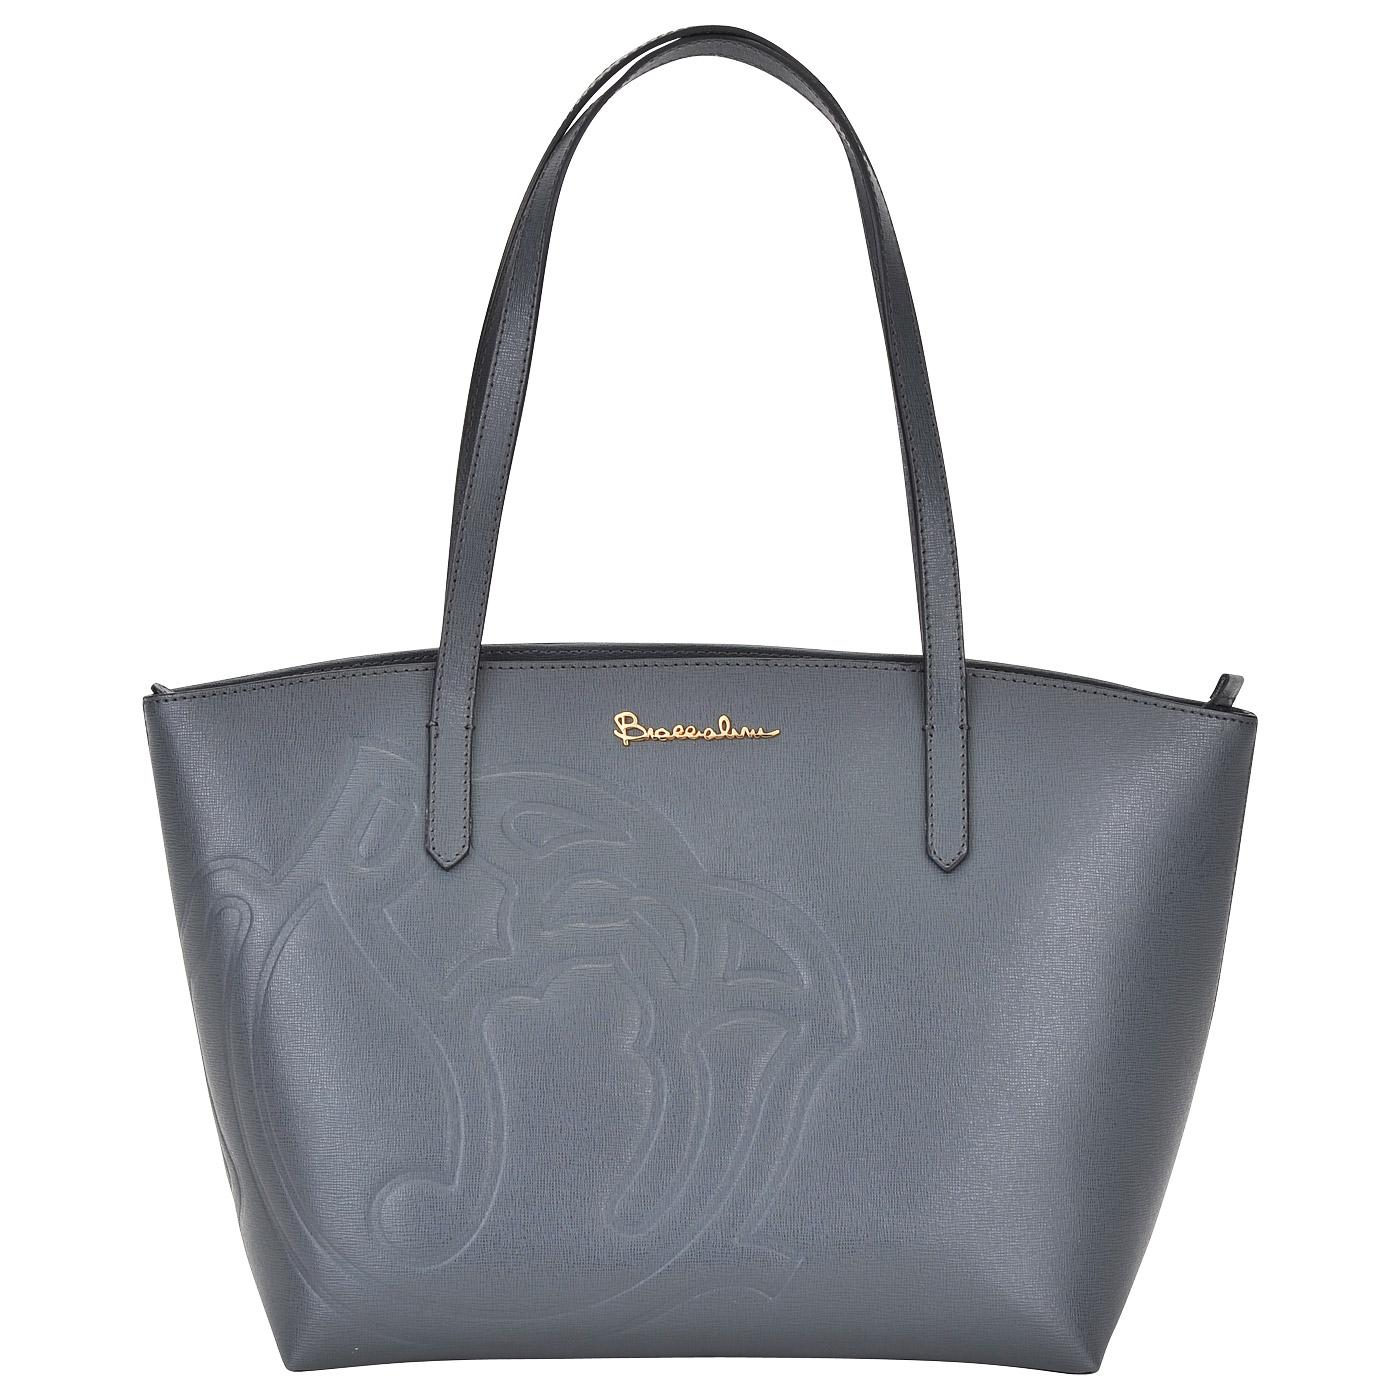 1075c5326a69 Женская кожаная сумка Braccialini Ninfea Женская кожаная сумка Braccialini  Ninfea ...